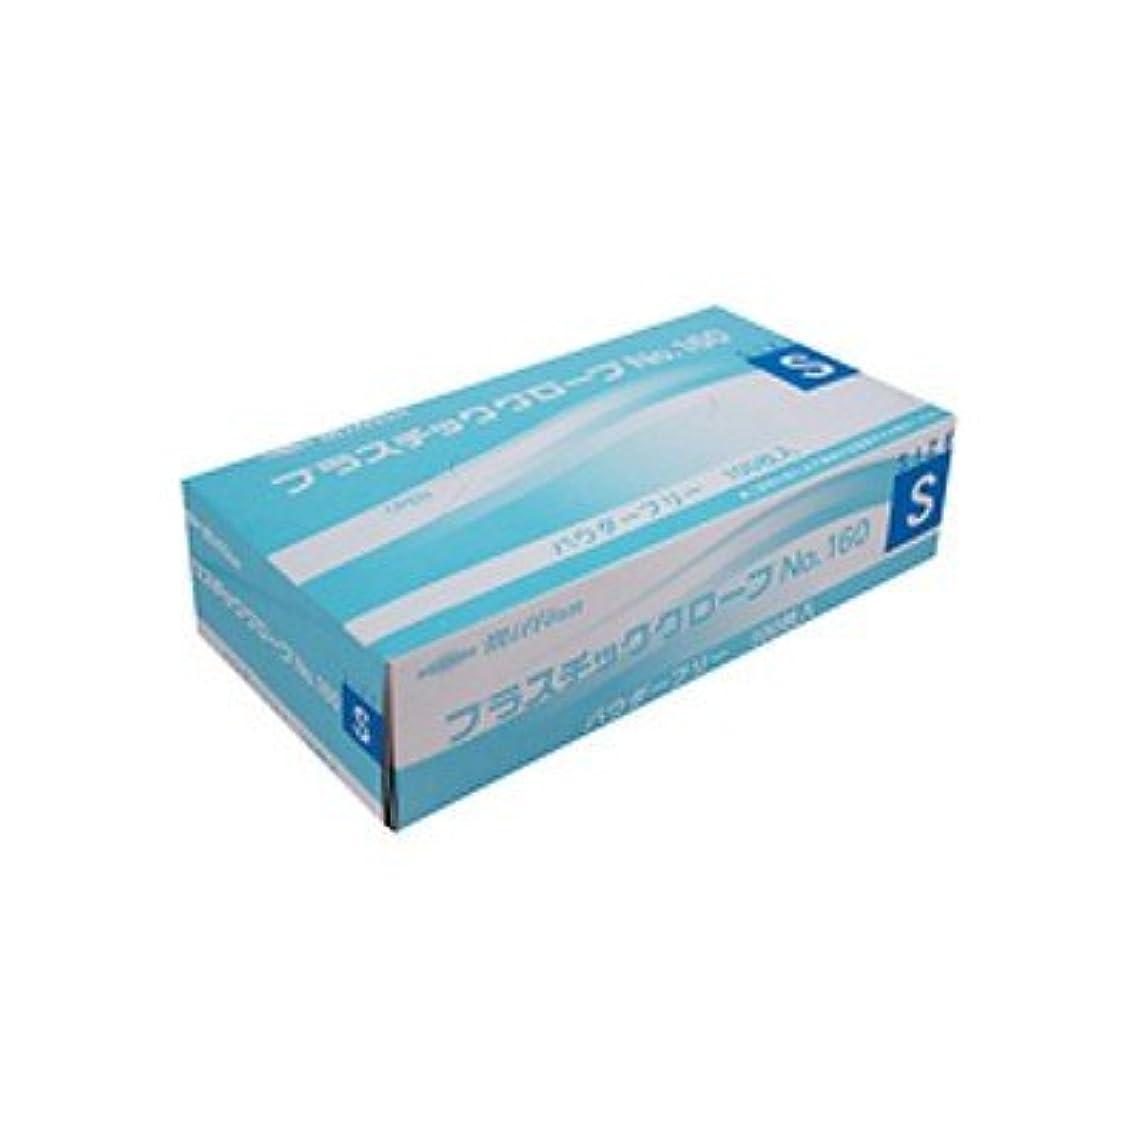 認証悲惨な退屈なミリオン プラスチック手袋 粉無 No.160 S 品番:LH-160-S 注文番号:62741613 メーカー:共和